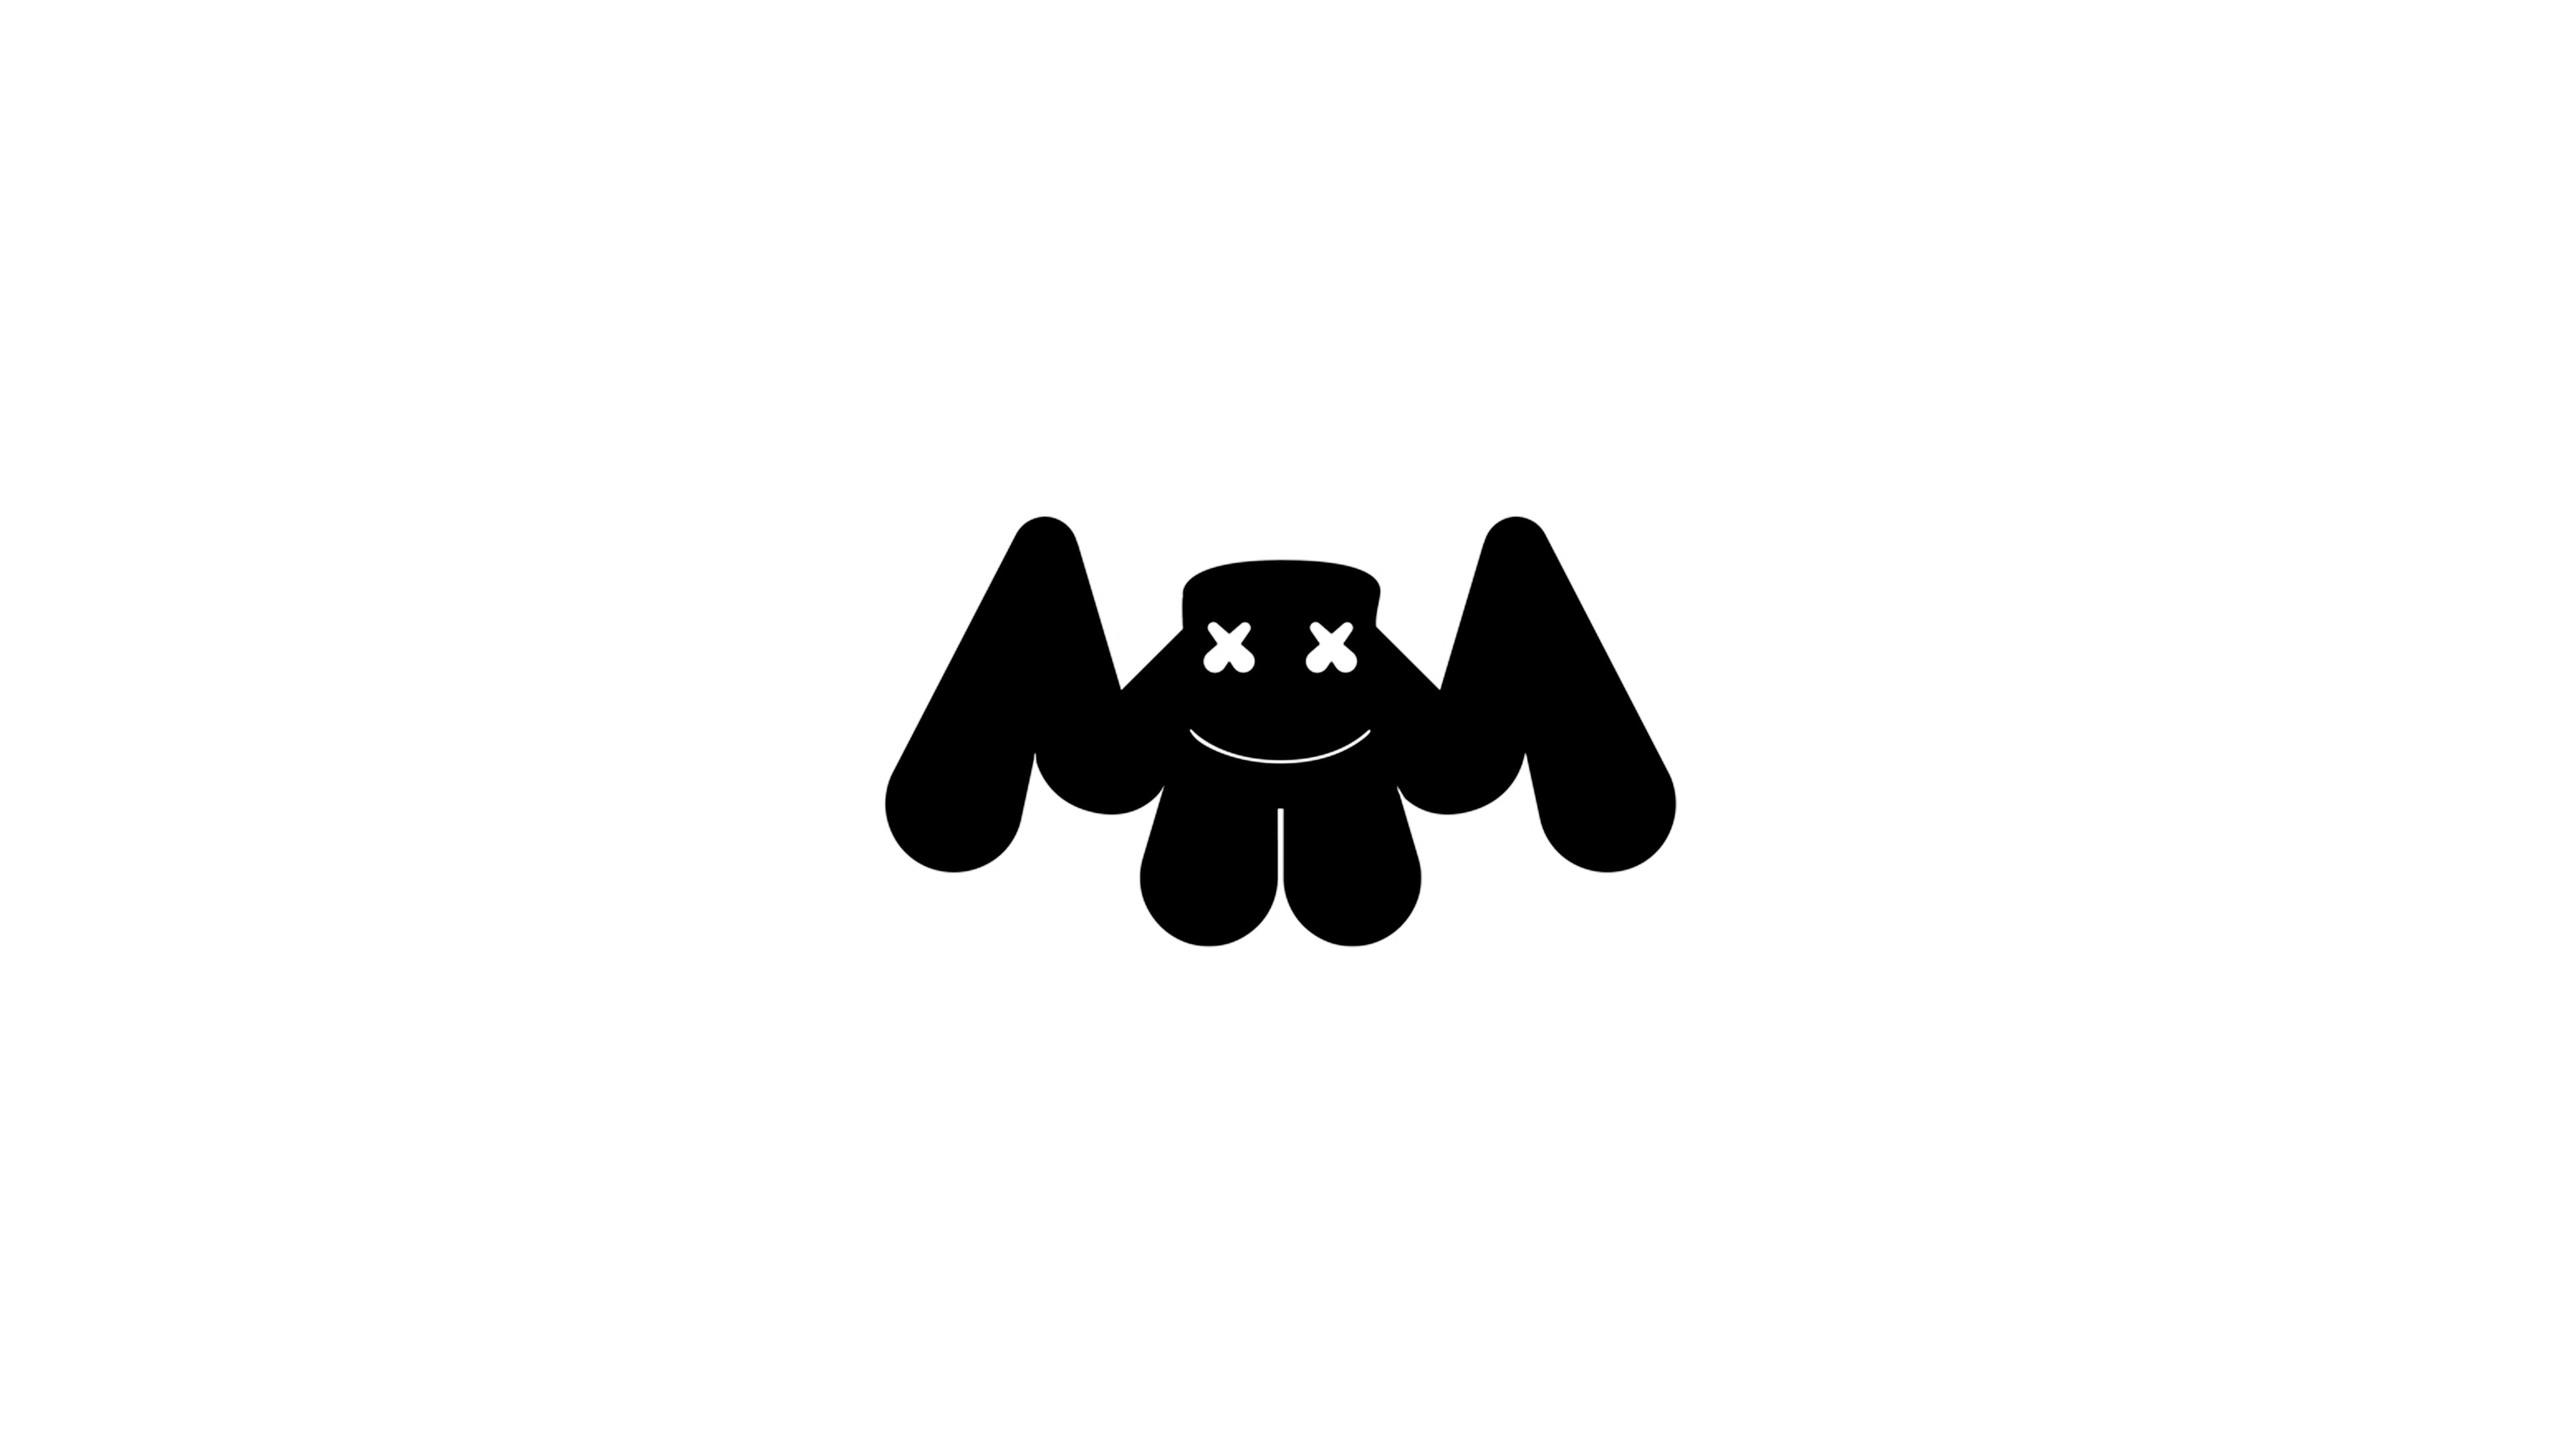 marshmello-logo-white-4k.jpg